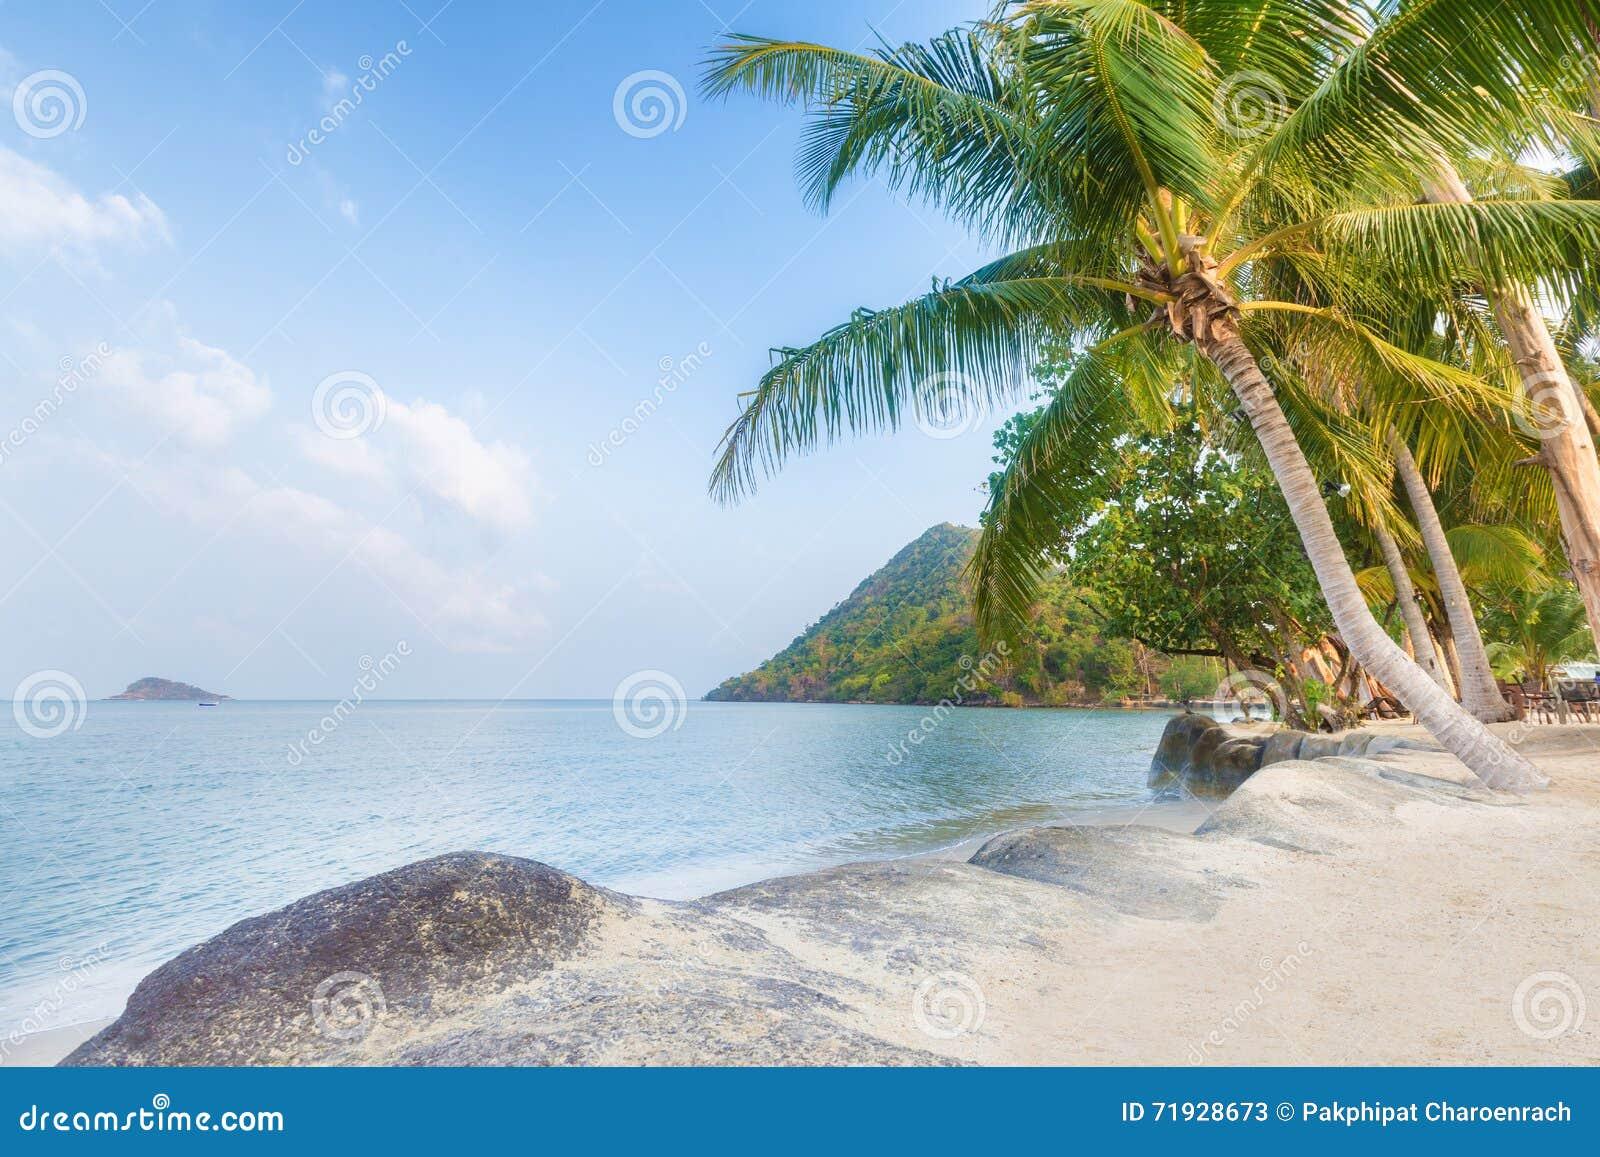 Пальма и пляж на красивом тропическом острове